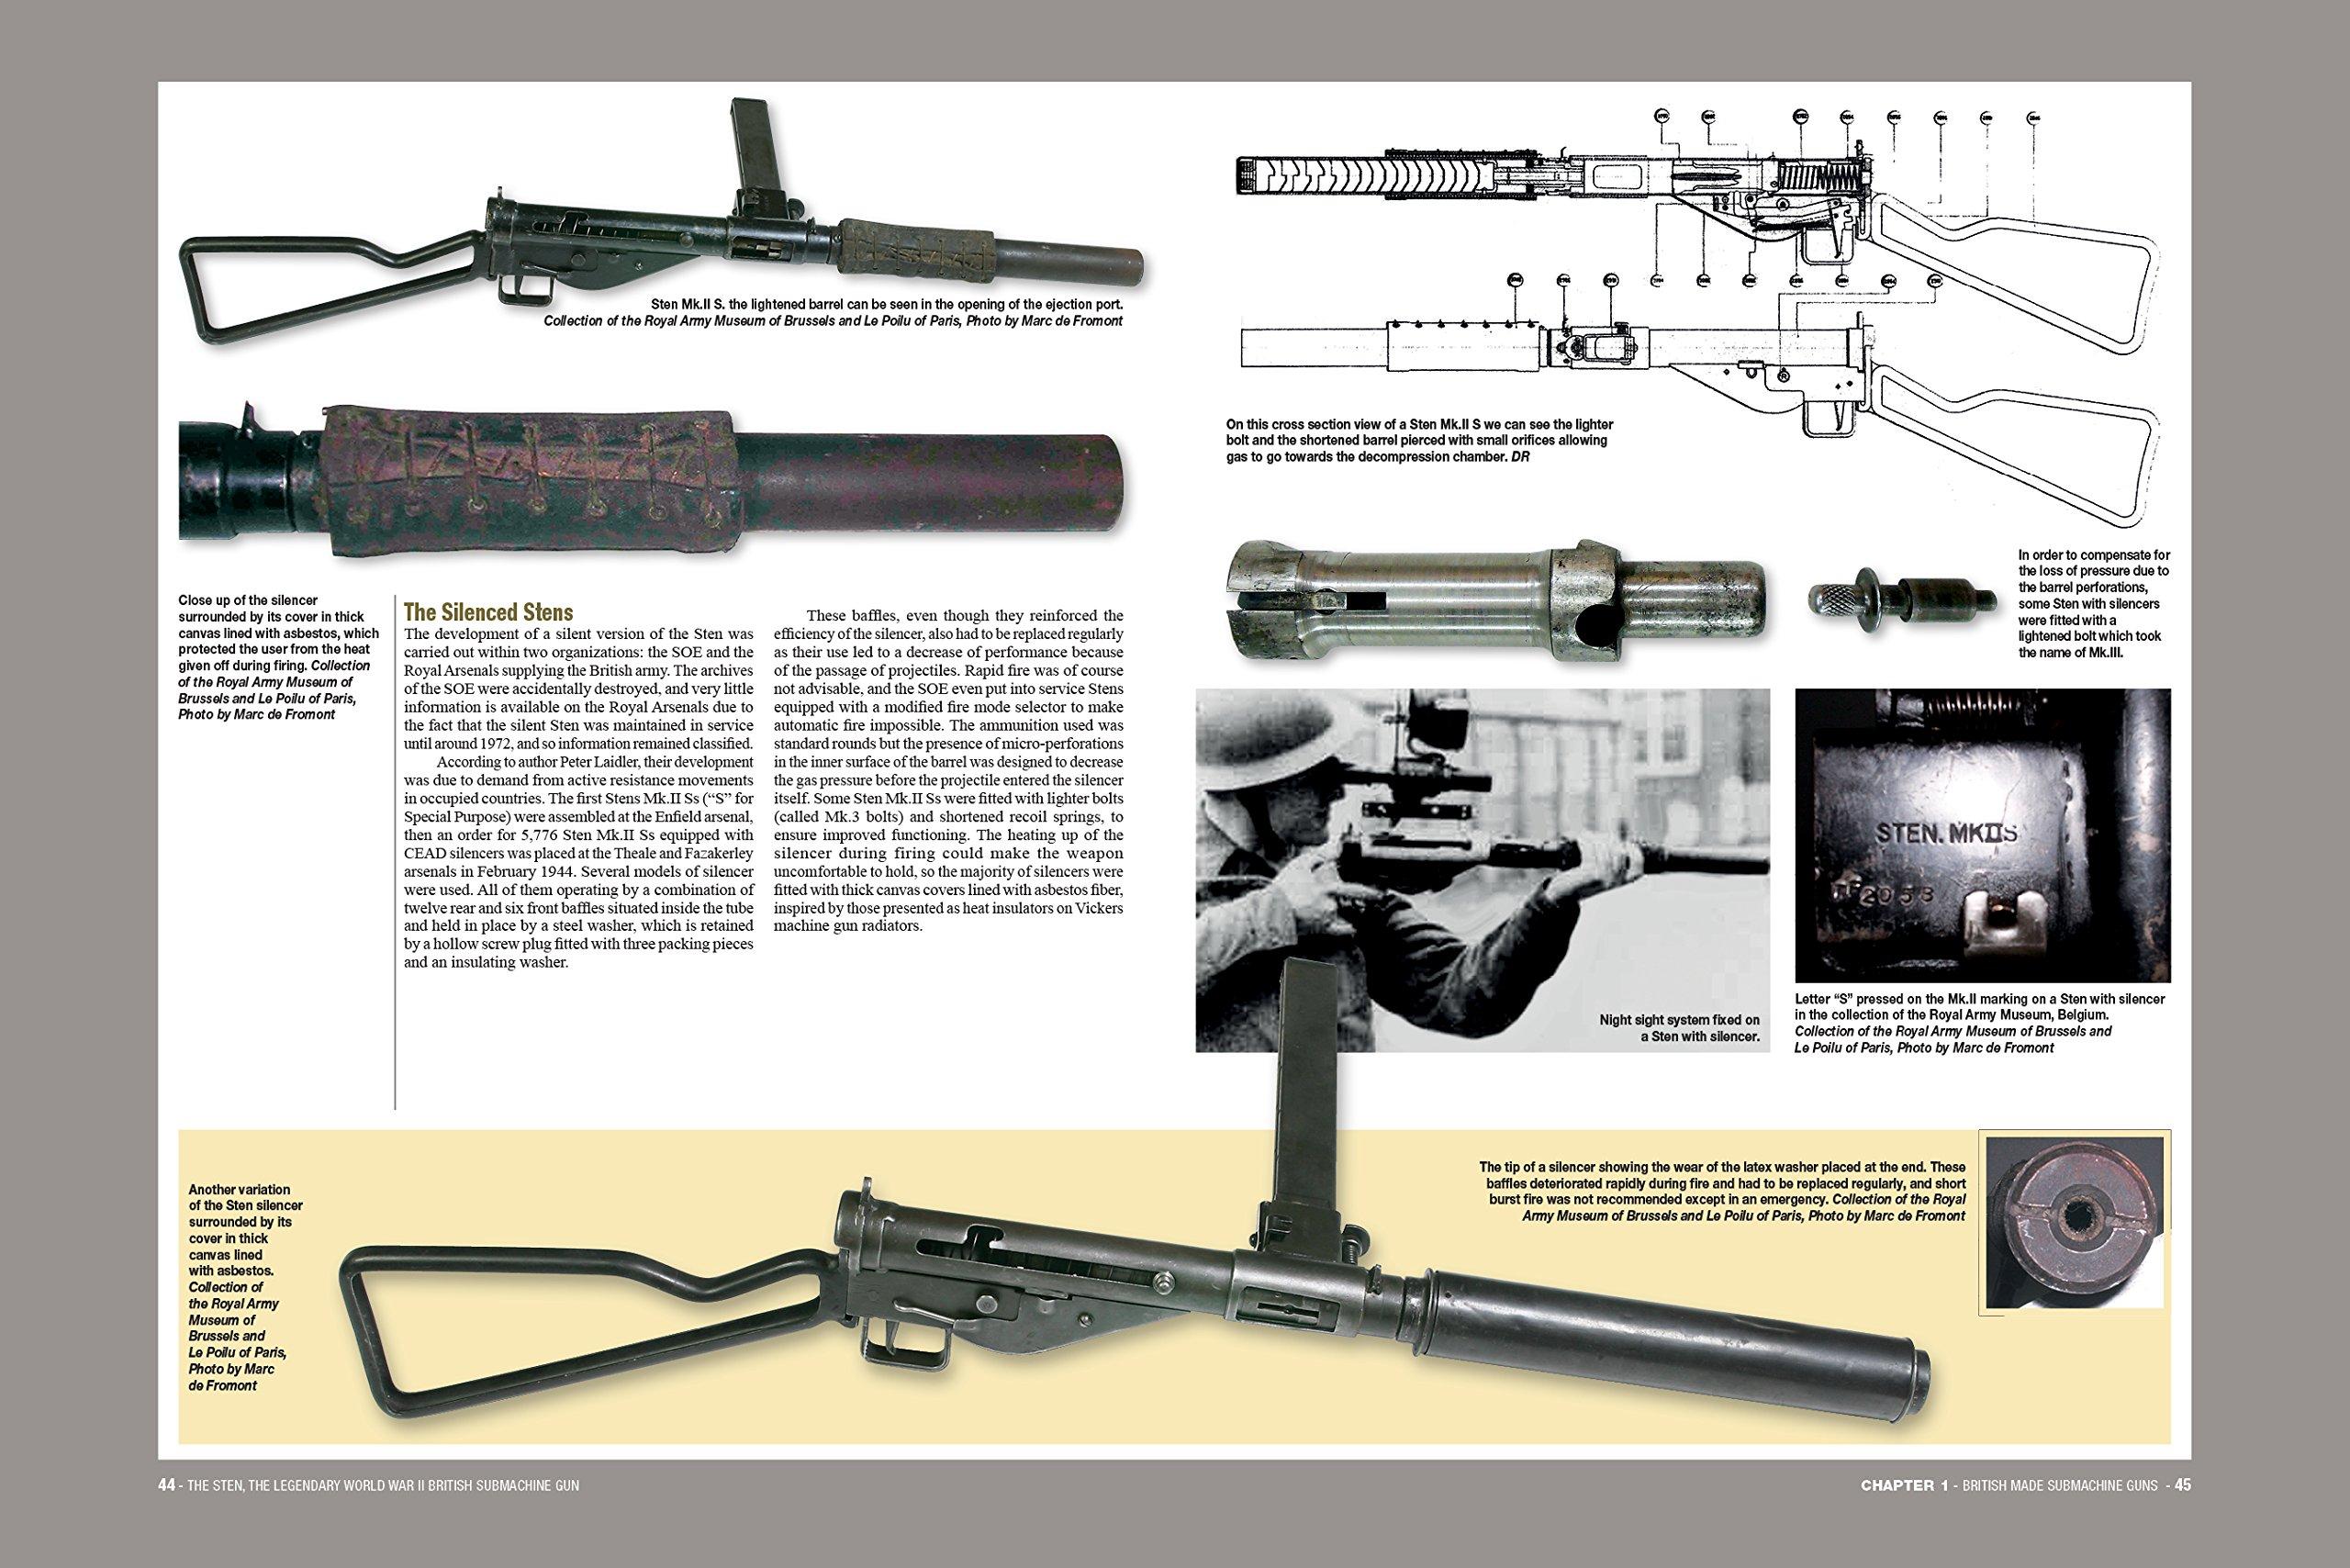 The Sten: The Legendary World War II British Submachine Gun